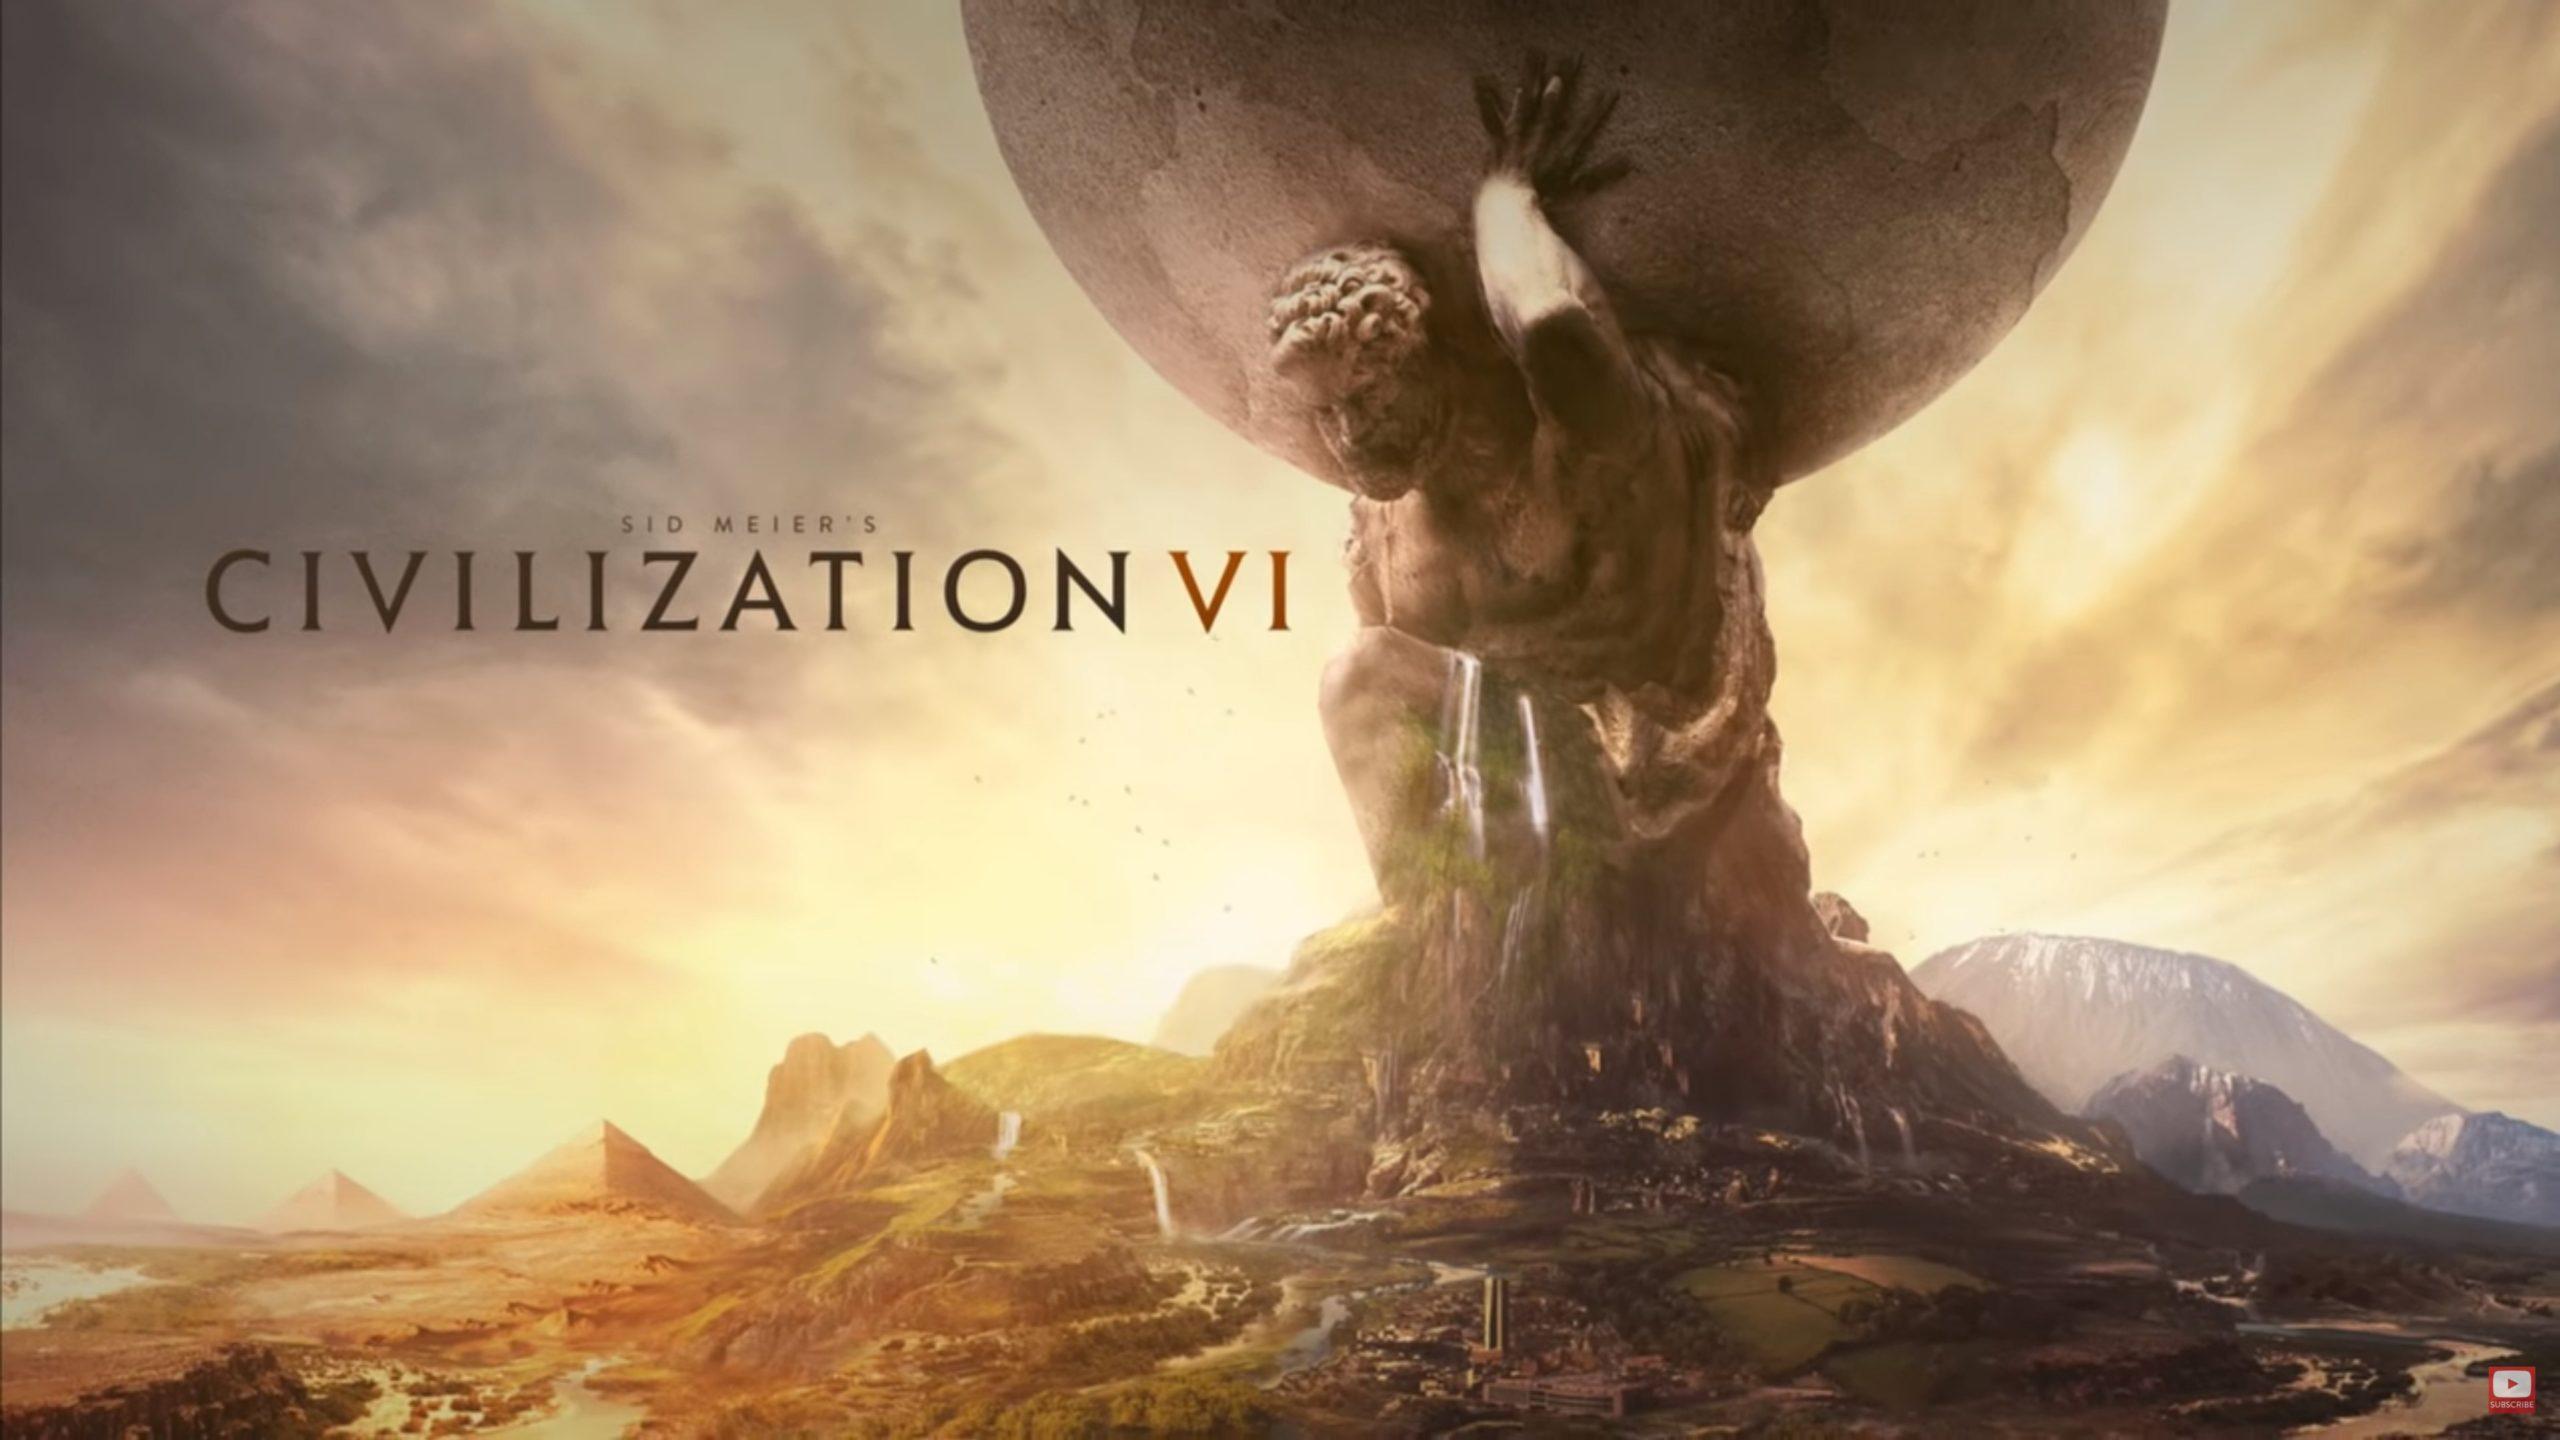 civilization vi free on epic store